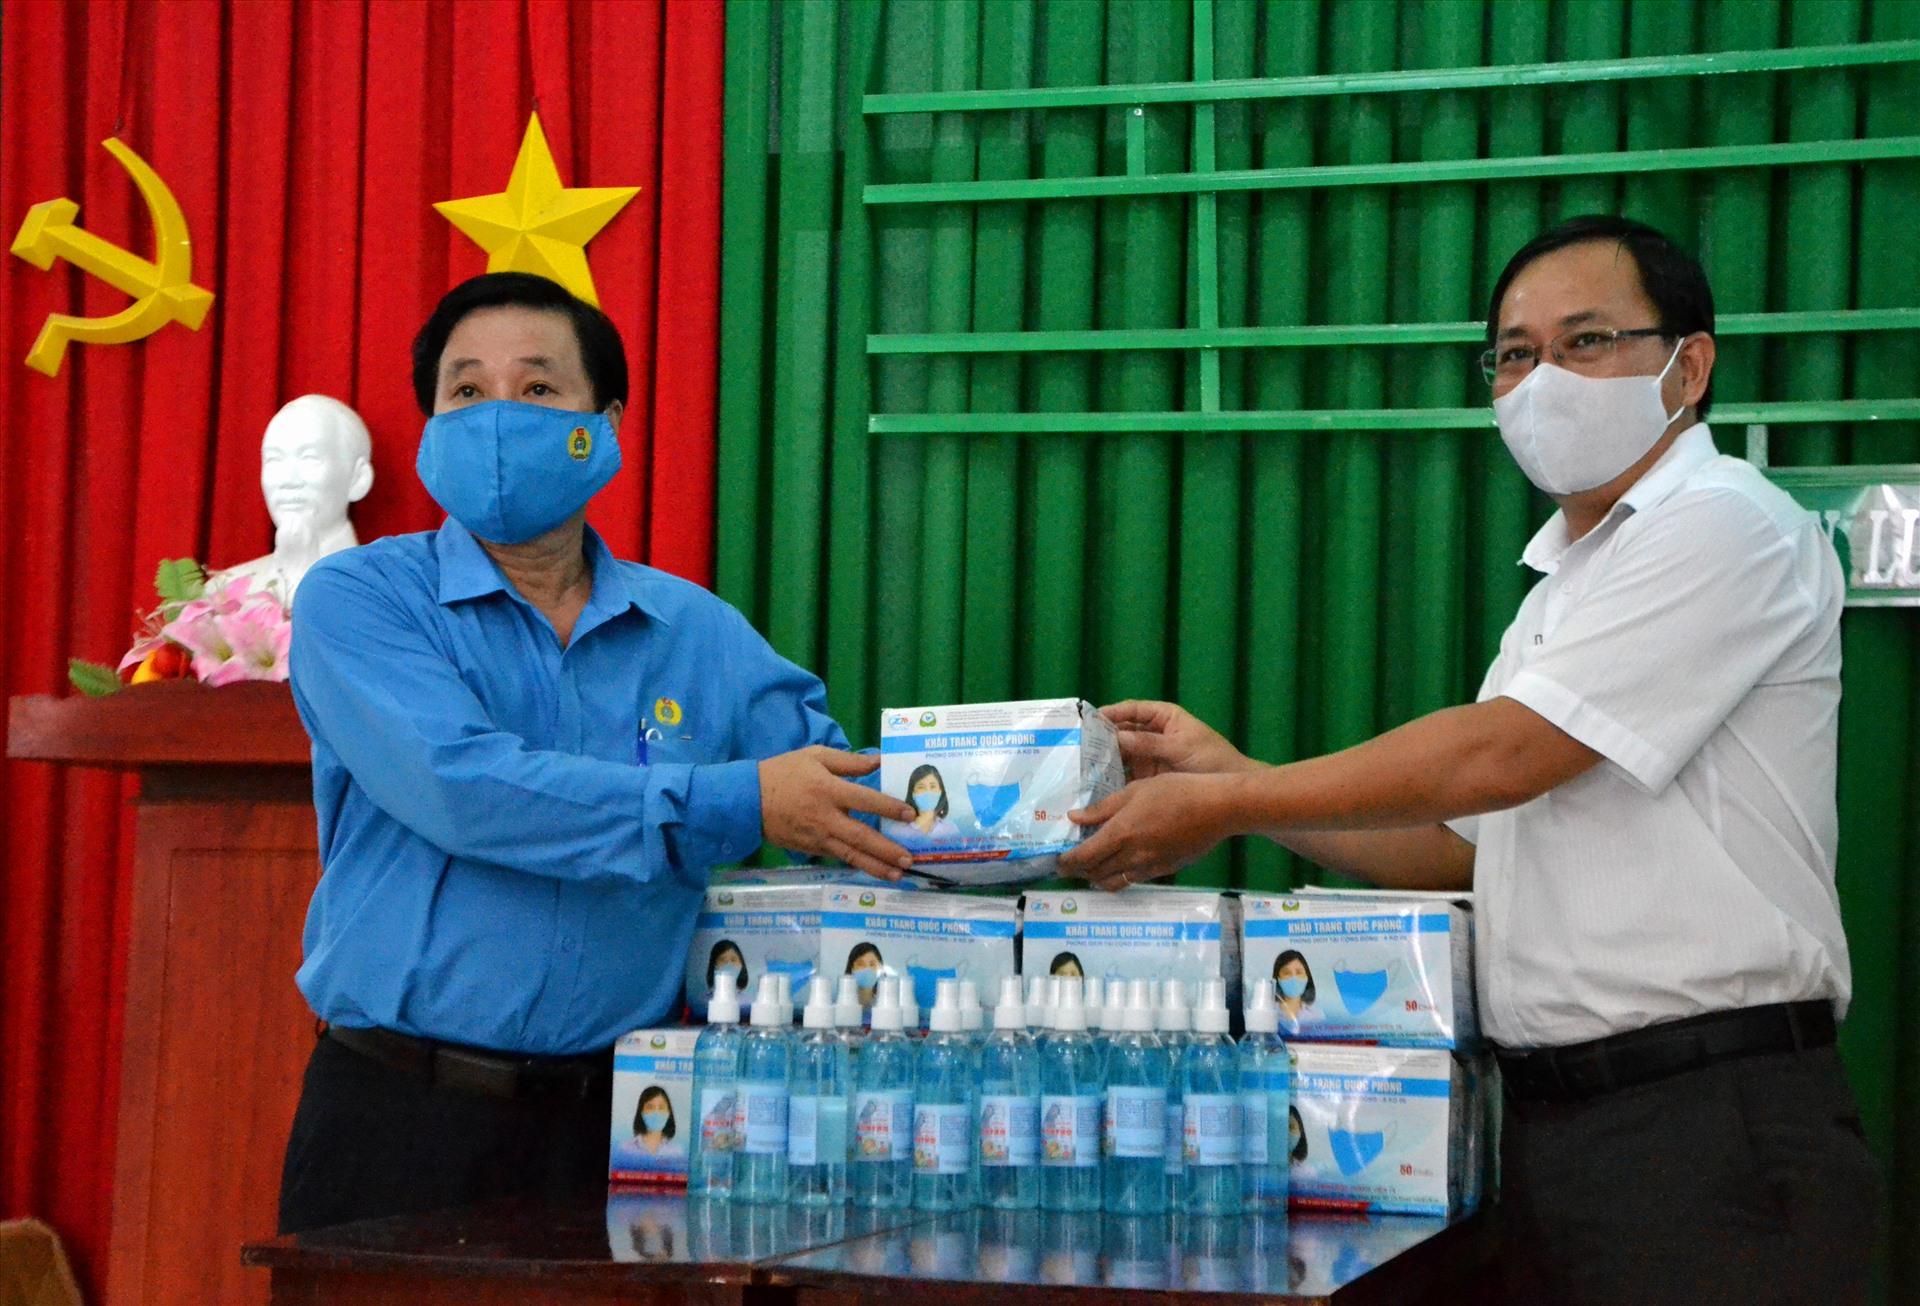 Trao khẩu trang, nước rửa tay cho CĐCS thuộc LĐLĐ huyện Kiên Lương có đông lao động làm việc trong mùa dịch. Ảnh: LT